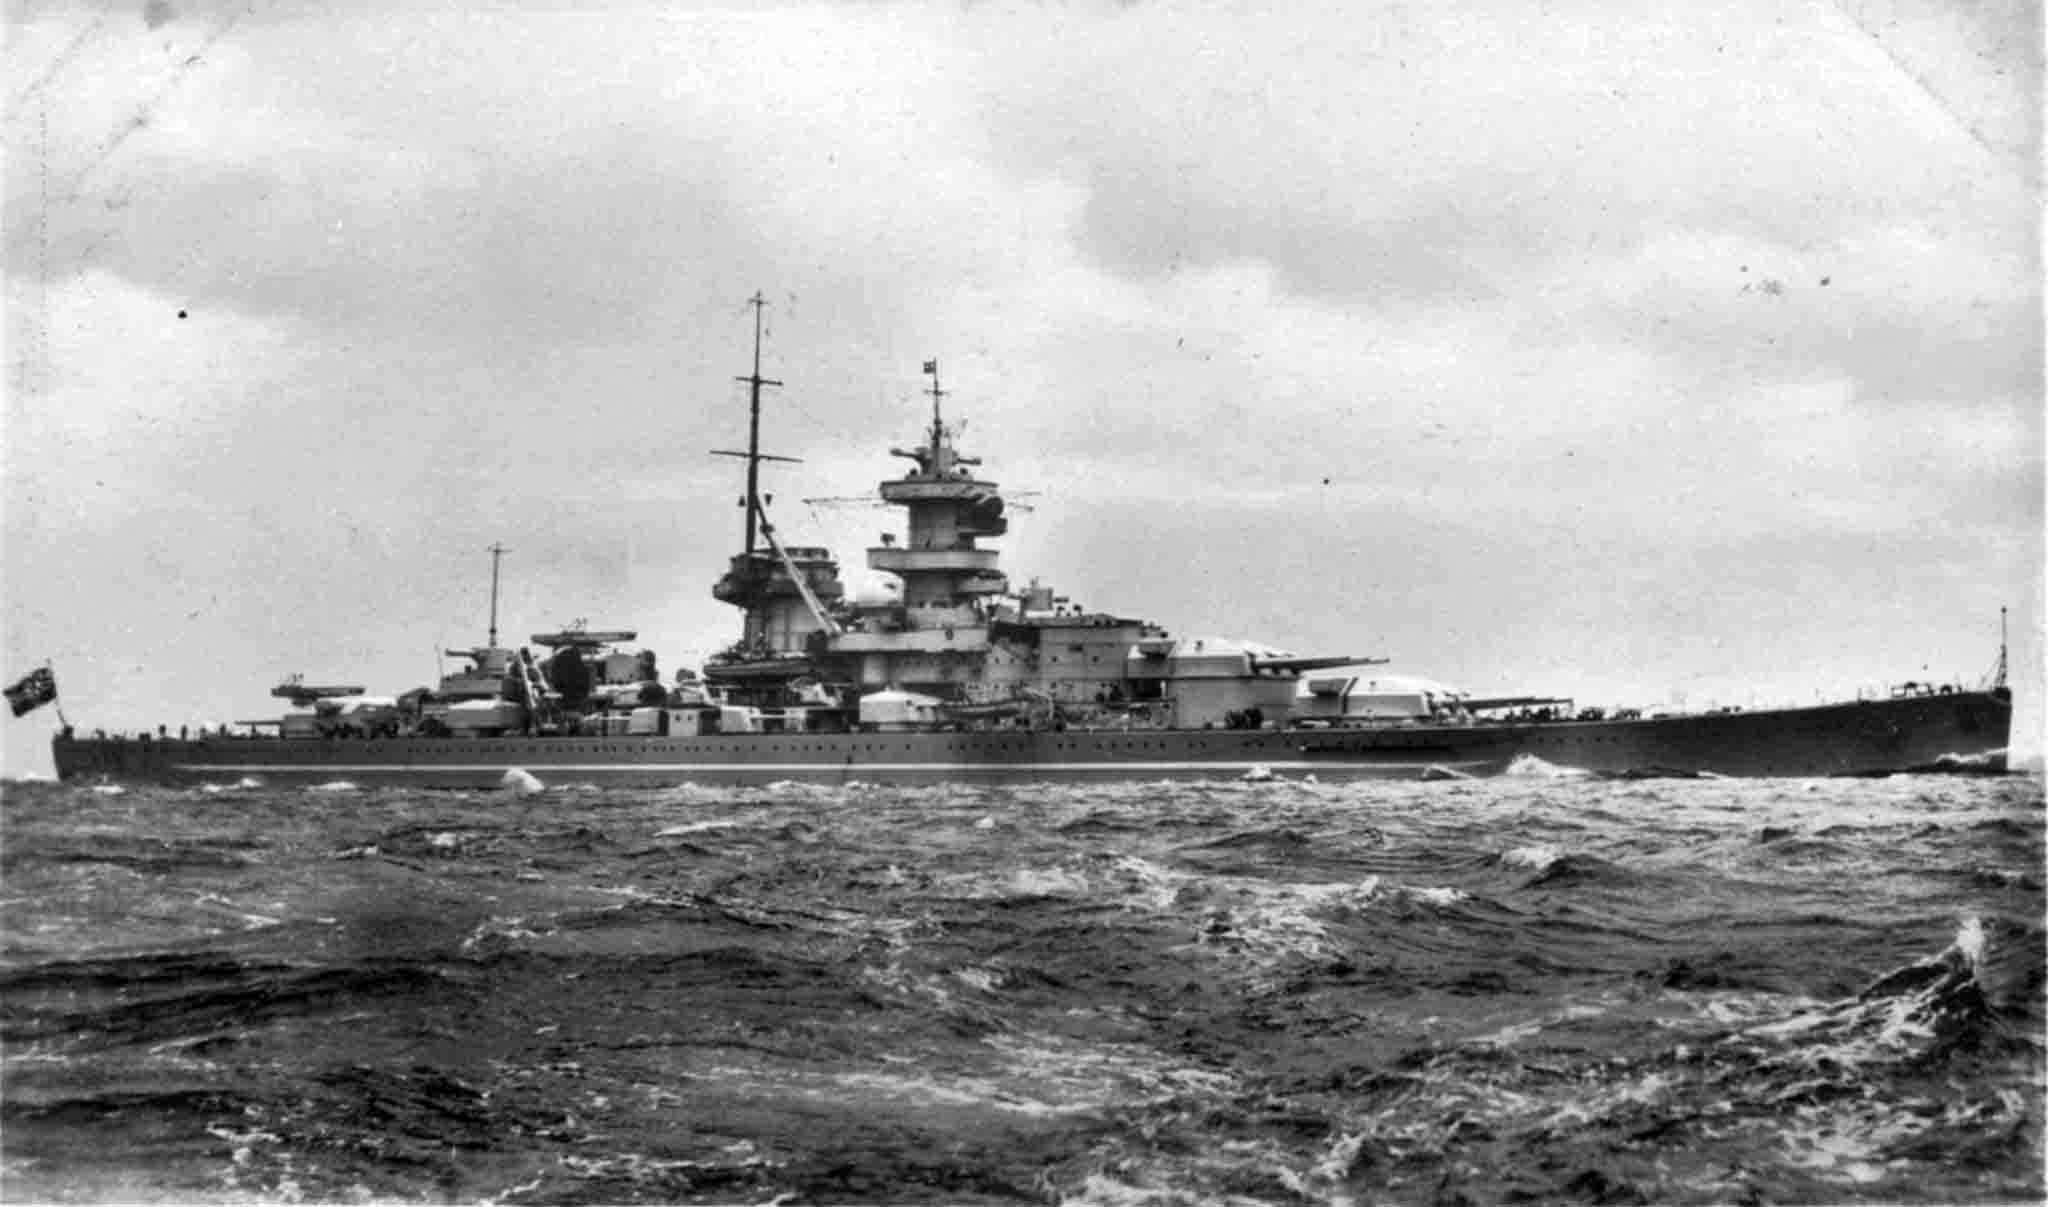 World War 2 - schlachtschiff gneisenau